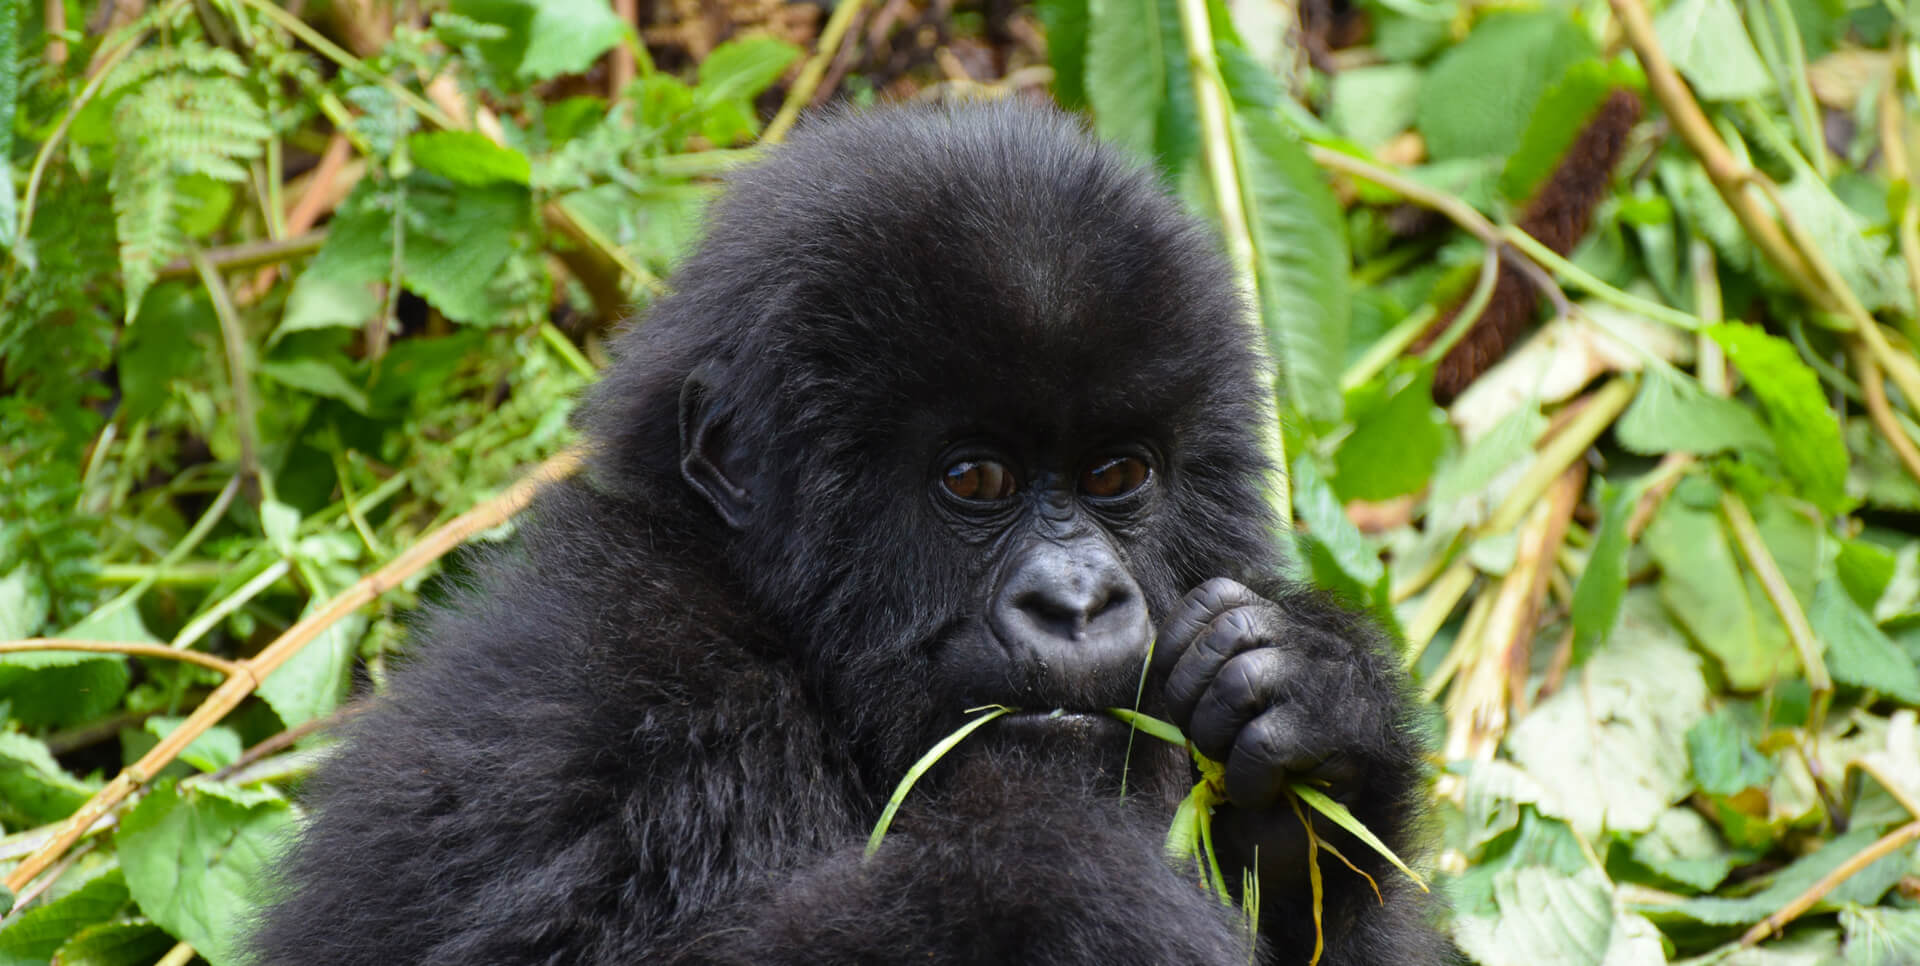 rwanda gorilla safari, gorilla safaris rwanda, rwanda gorilla trekking, gorilla trek rwanda, rwanda gorilla tours, visiting gorillas in rwanda, rwanda gorilla visit, visit rwanda